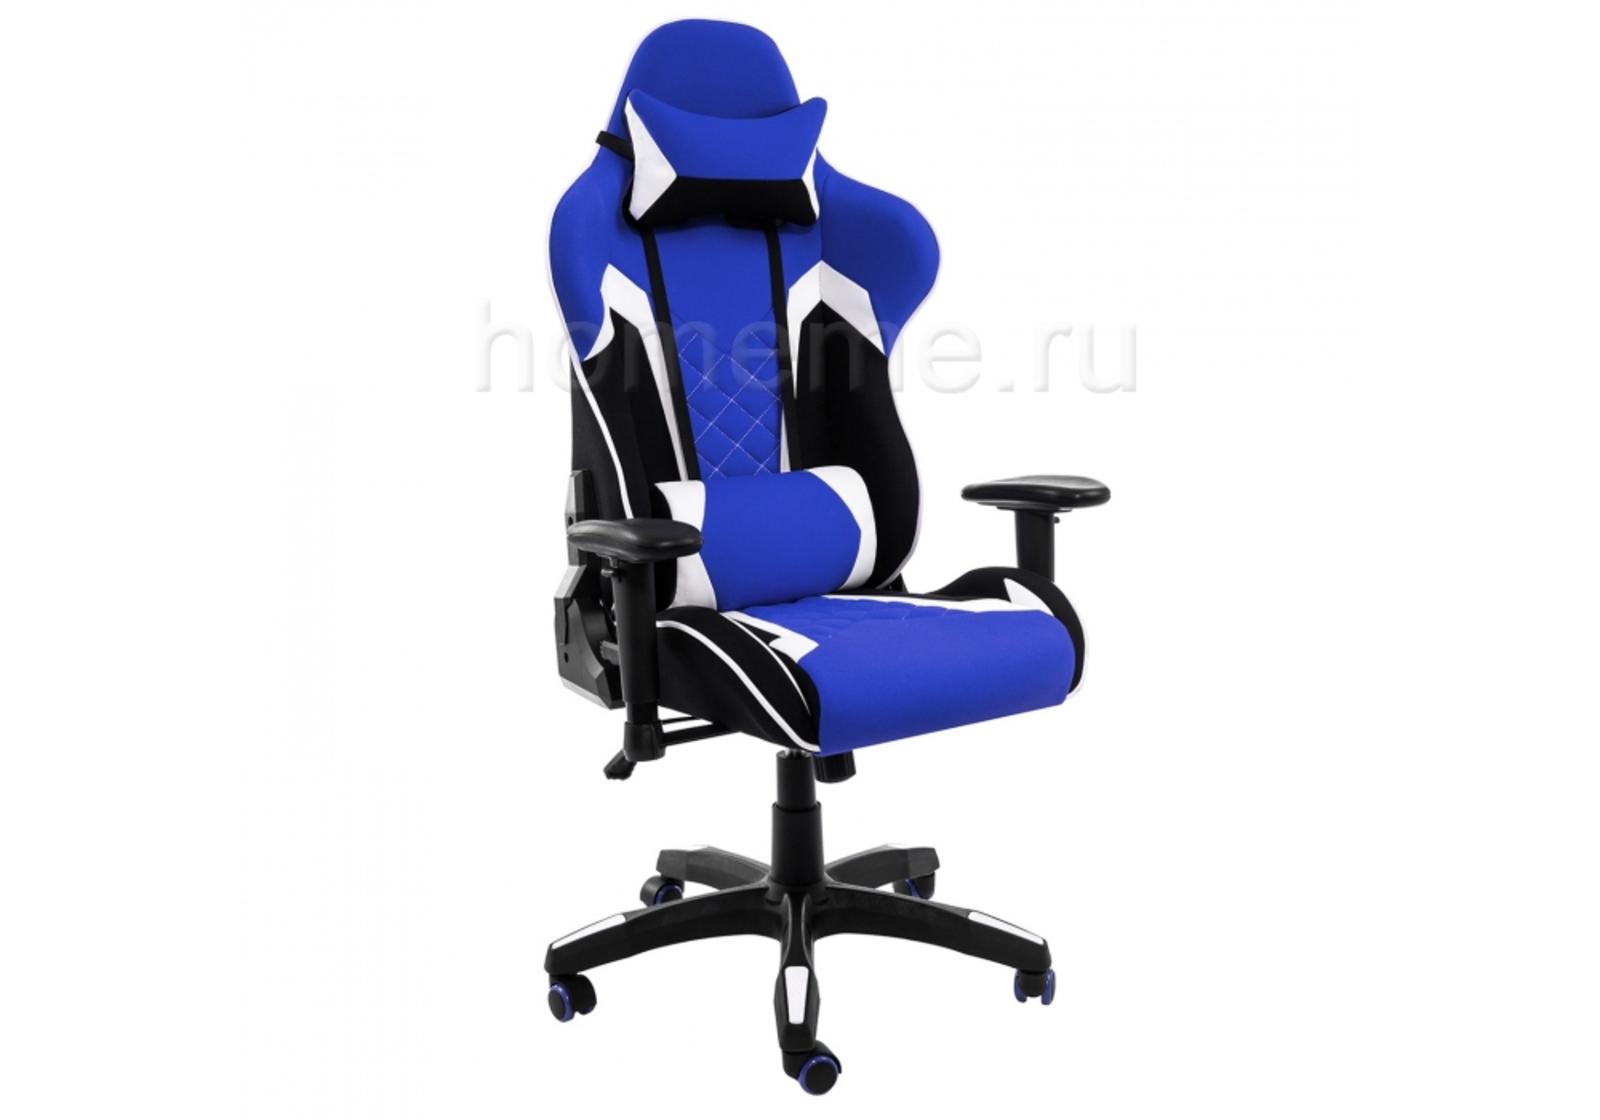 Кресло для офиса HomeMe Prime черное / синее 1860 от Homeme.ru